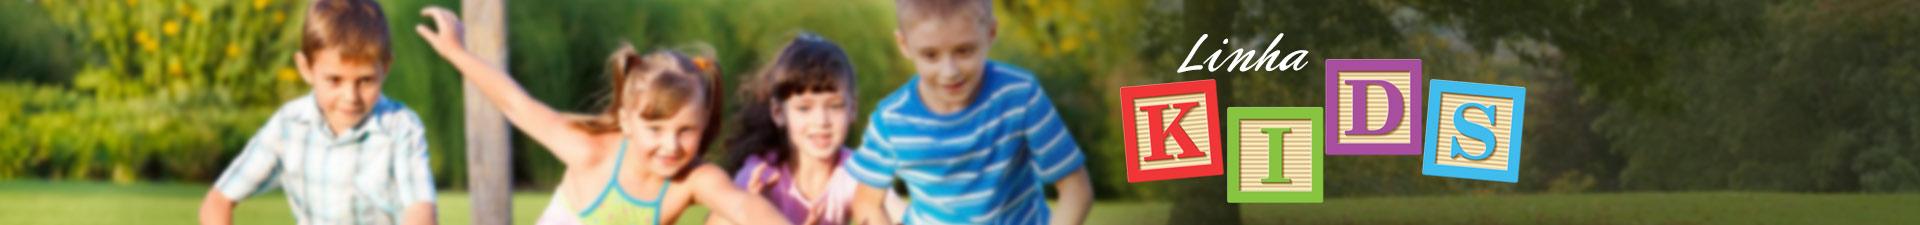 banner_premium_kids